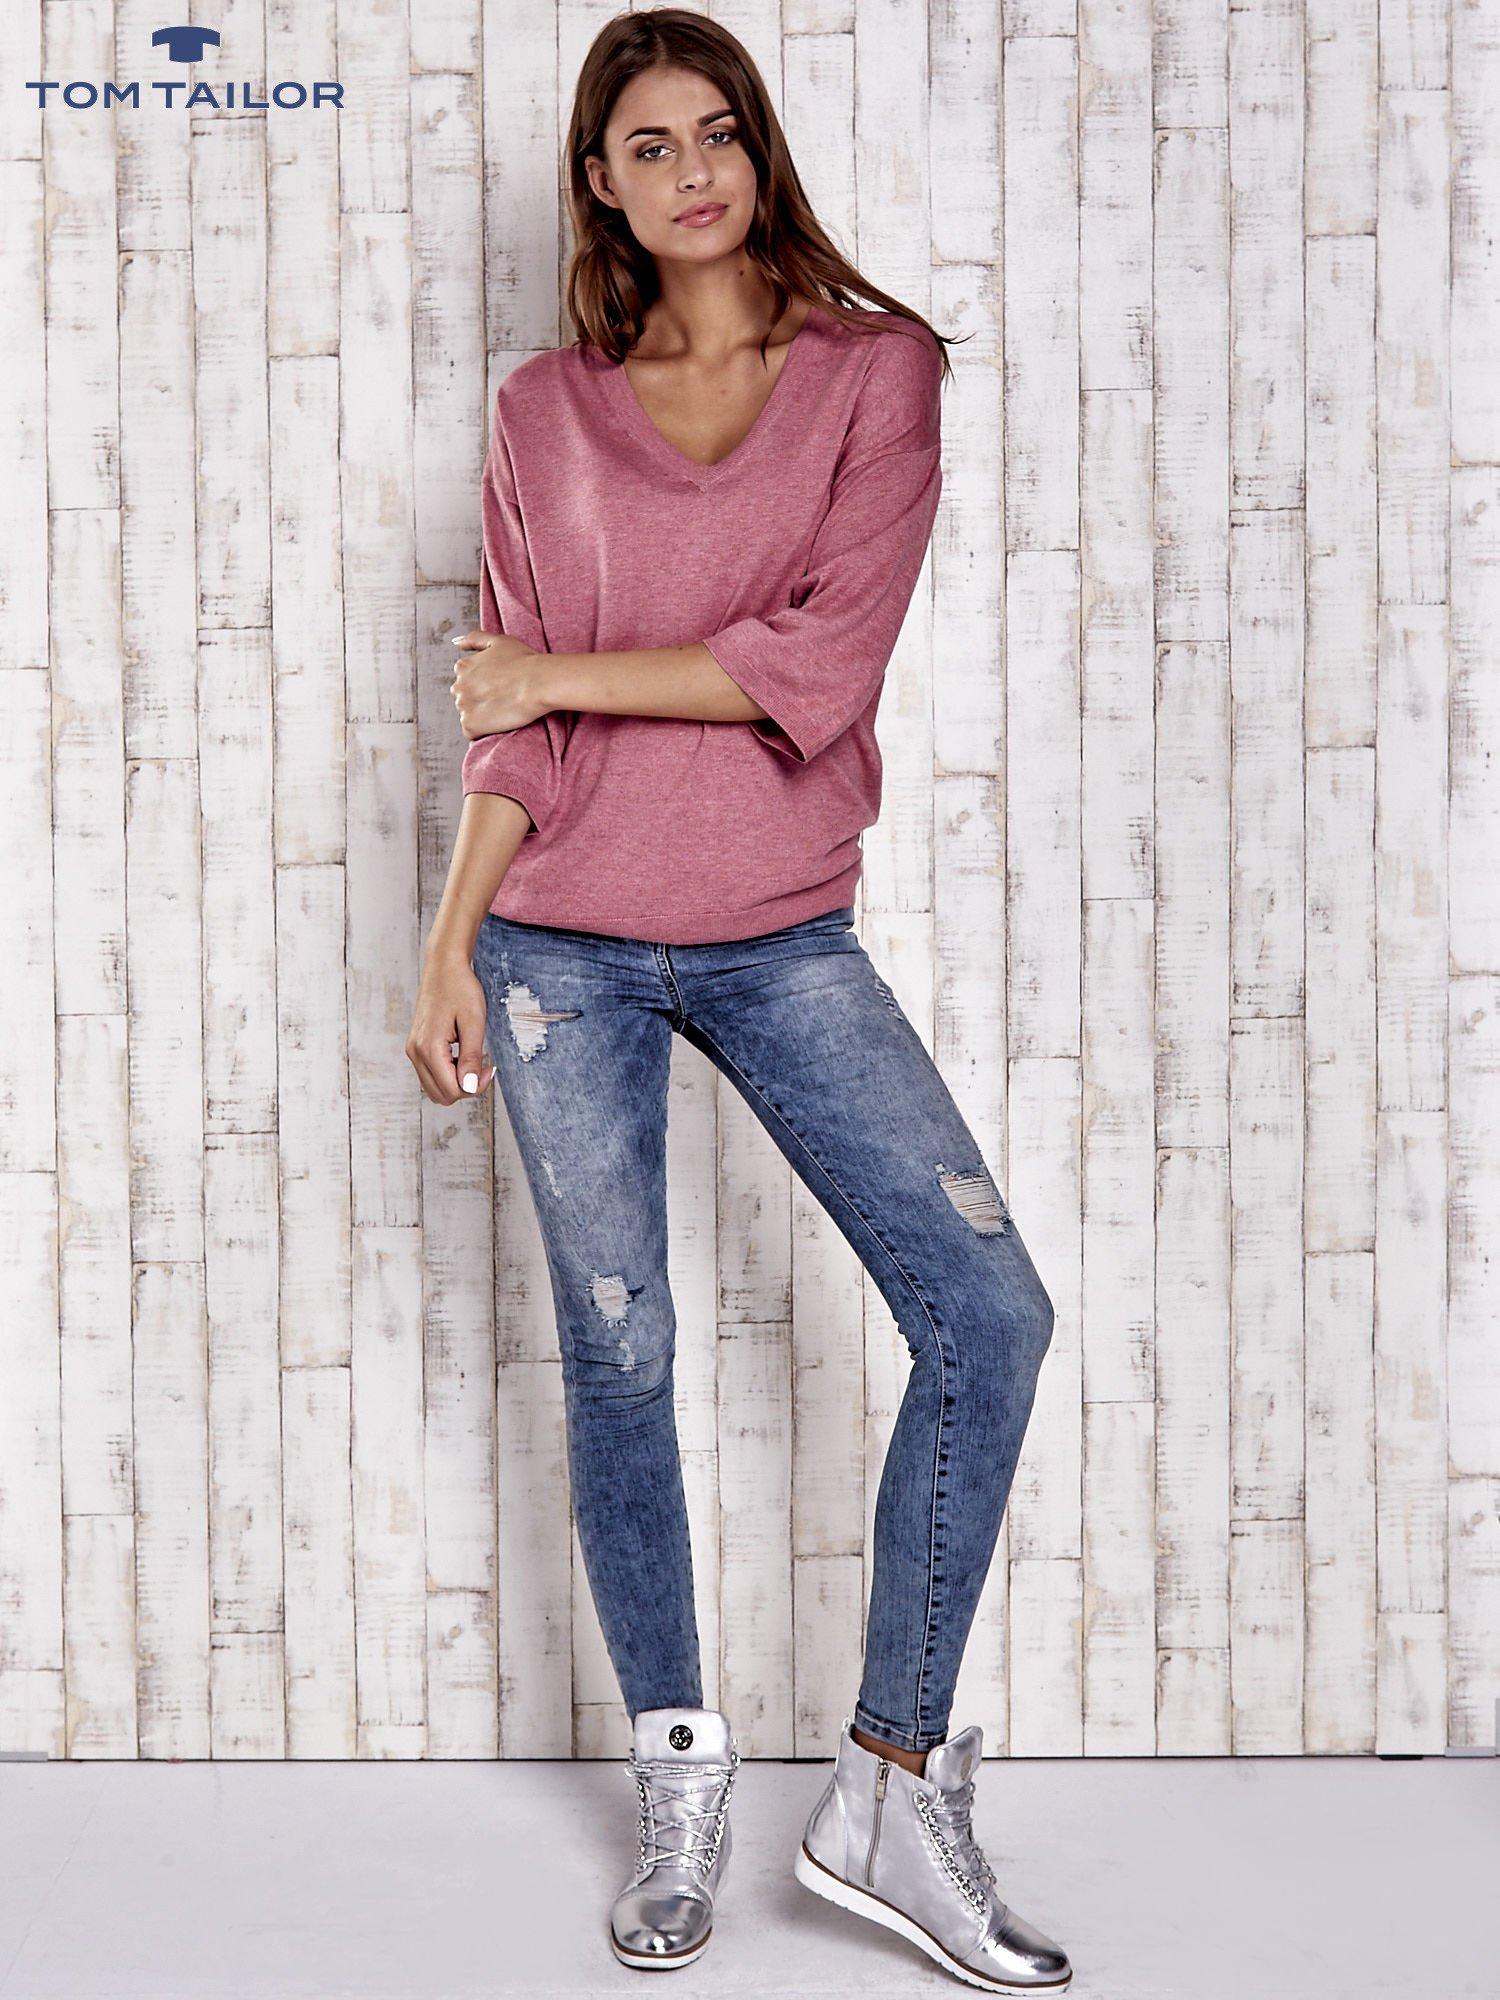 TOM TAILOR Koralowy sweter z satynowym tyłem                                  zdj.                                  2